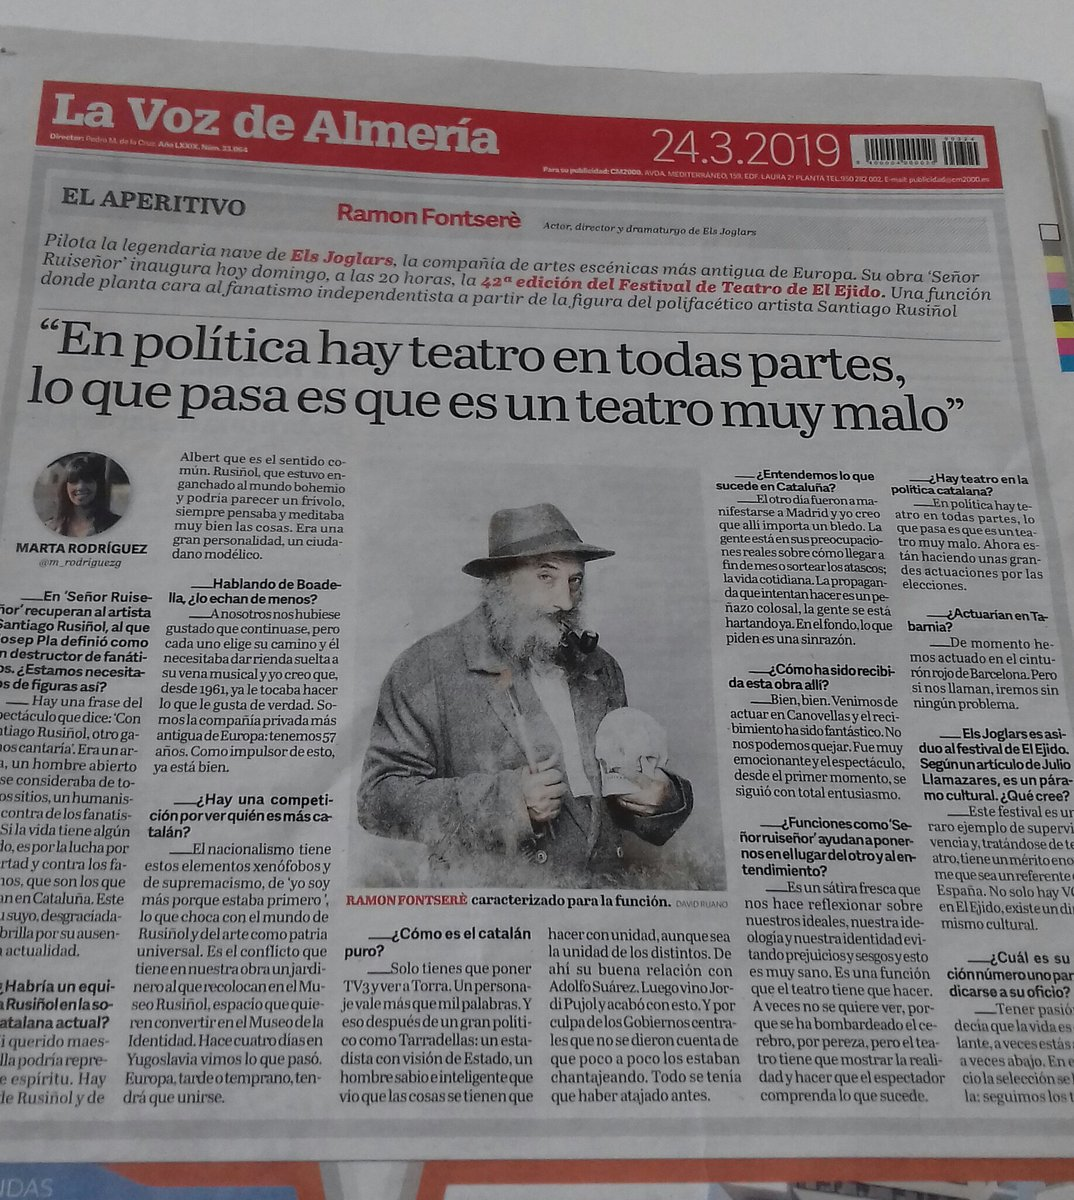 #SeñorRuiseñor esta tarde en #42FestivalTeatroElEjido